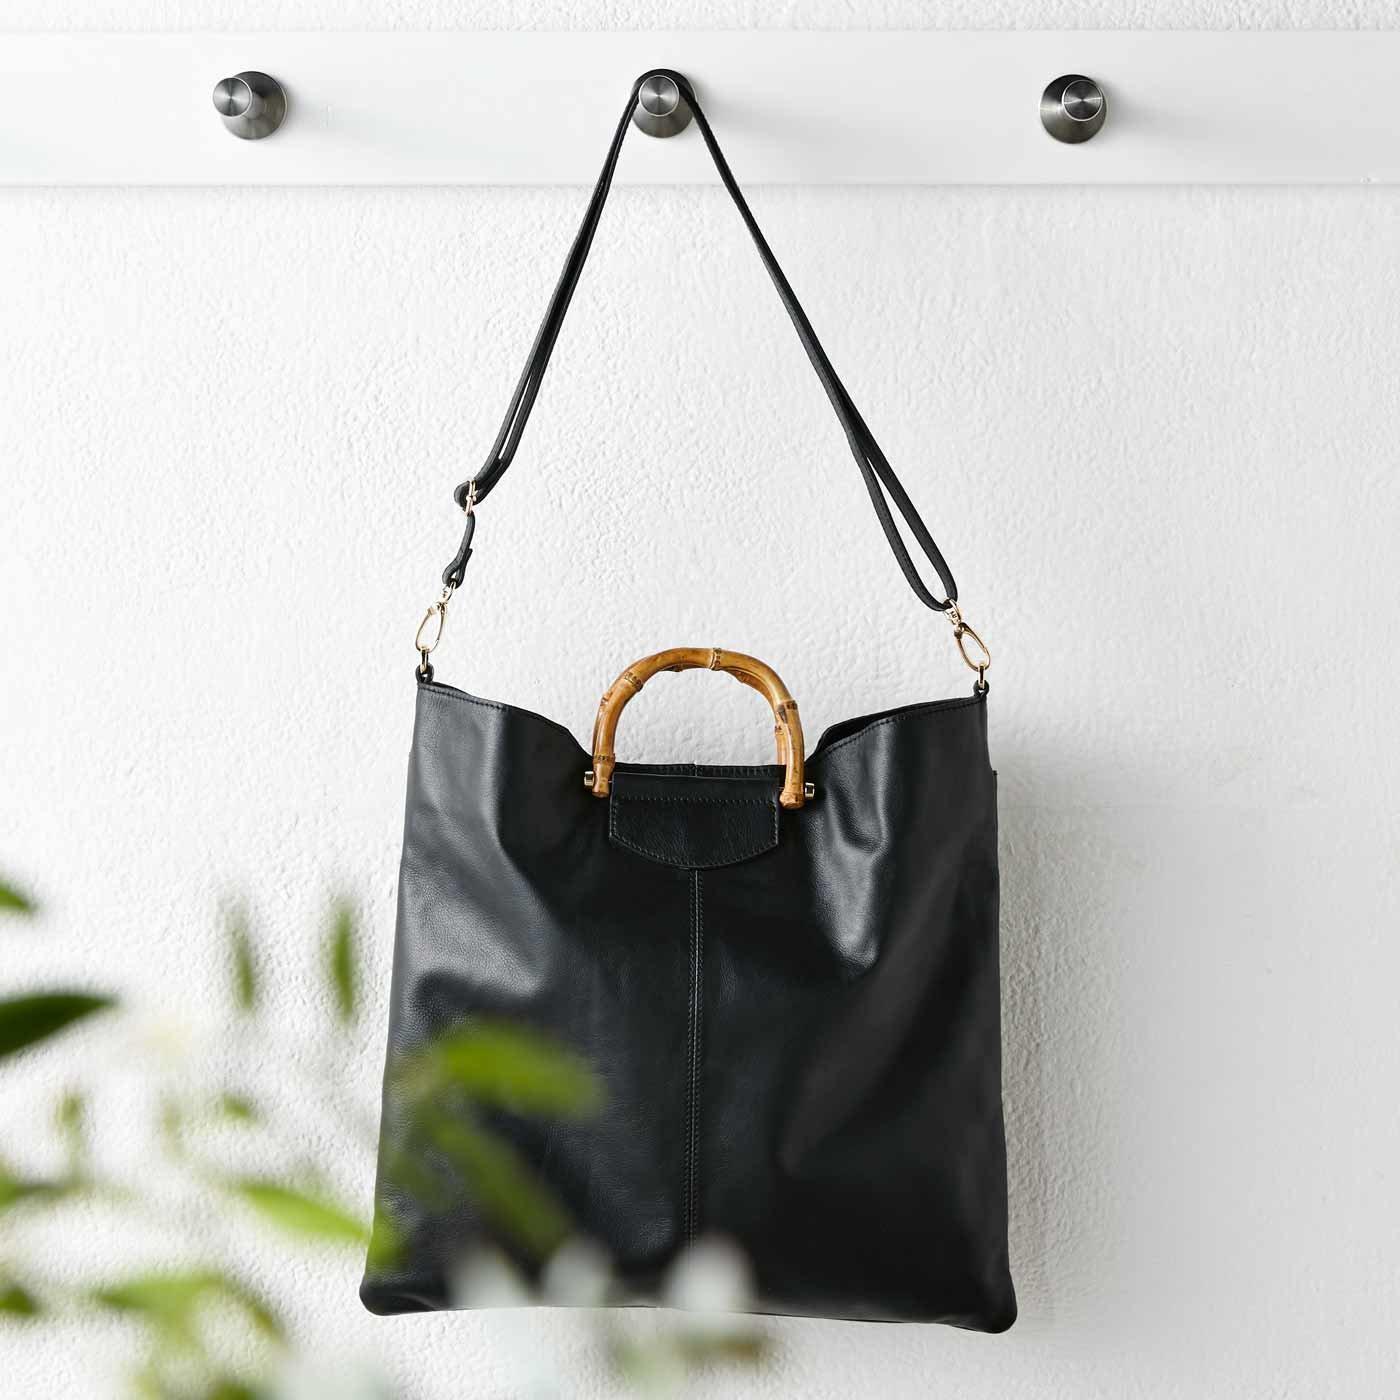 IEDIT[イディット] スリムだけどたくさん入って使いやすい バンブー持ち手の2-WAY本革バッグ〈ブラック〉